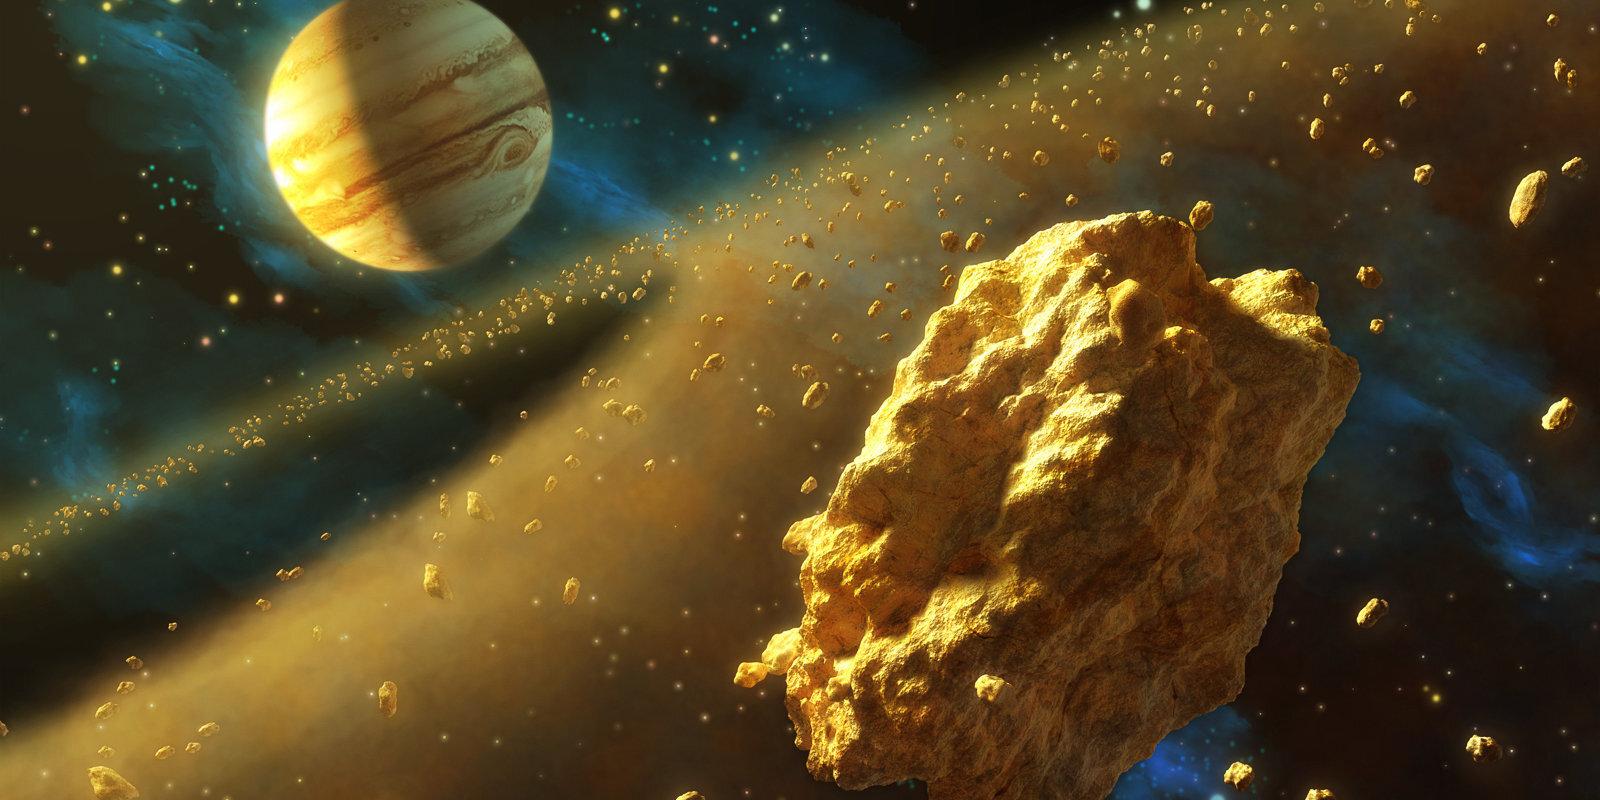 Zelta drudzis kosmosā – uz asteroīdiem pēc dārgumiem